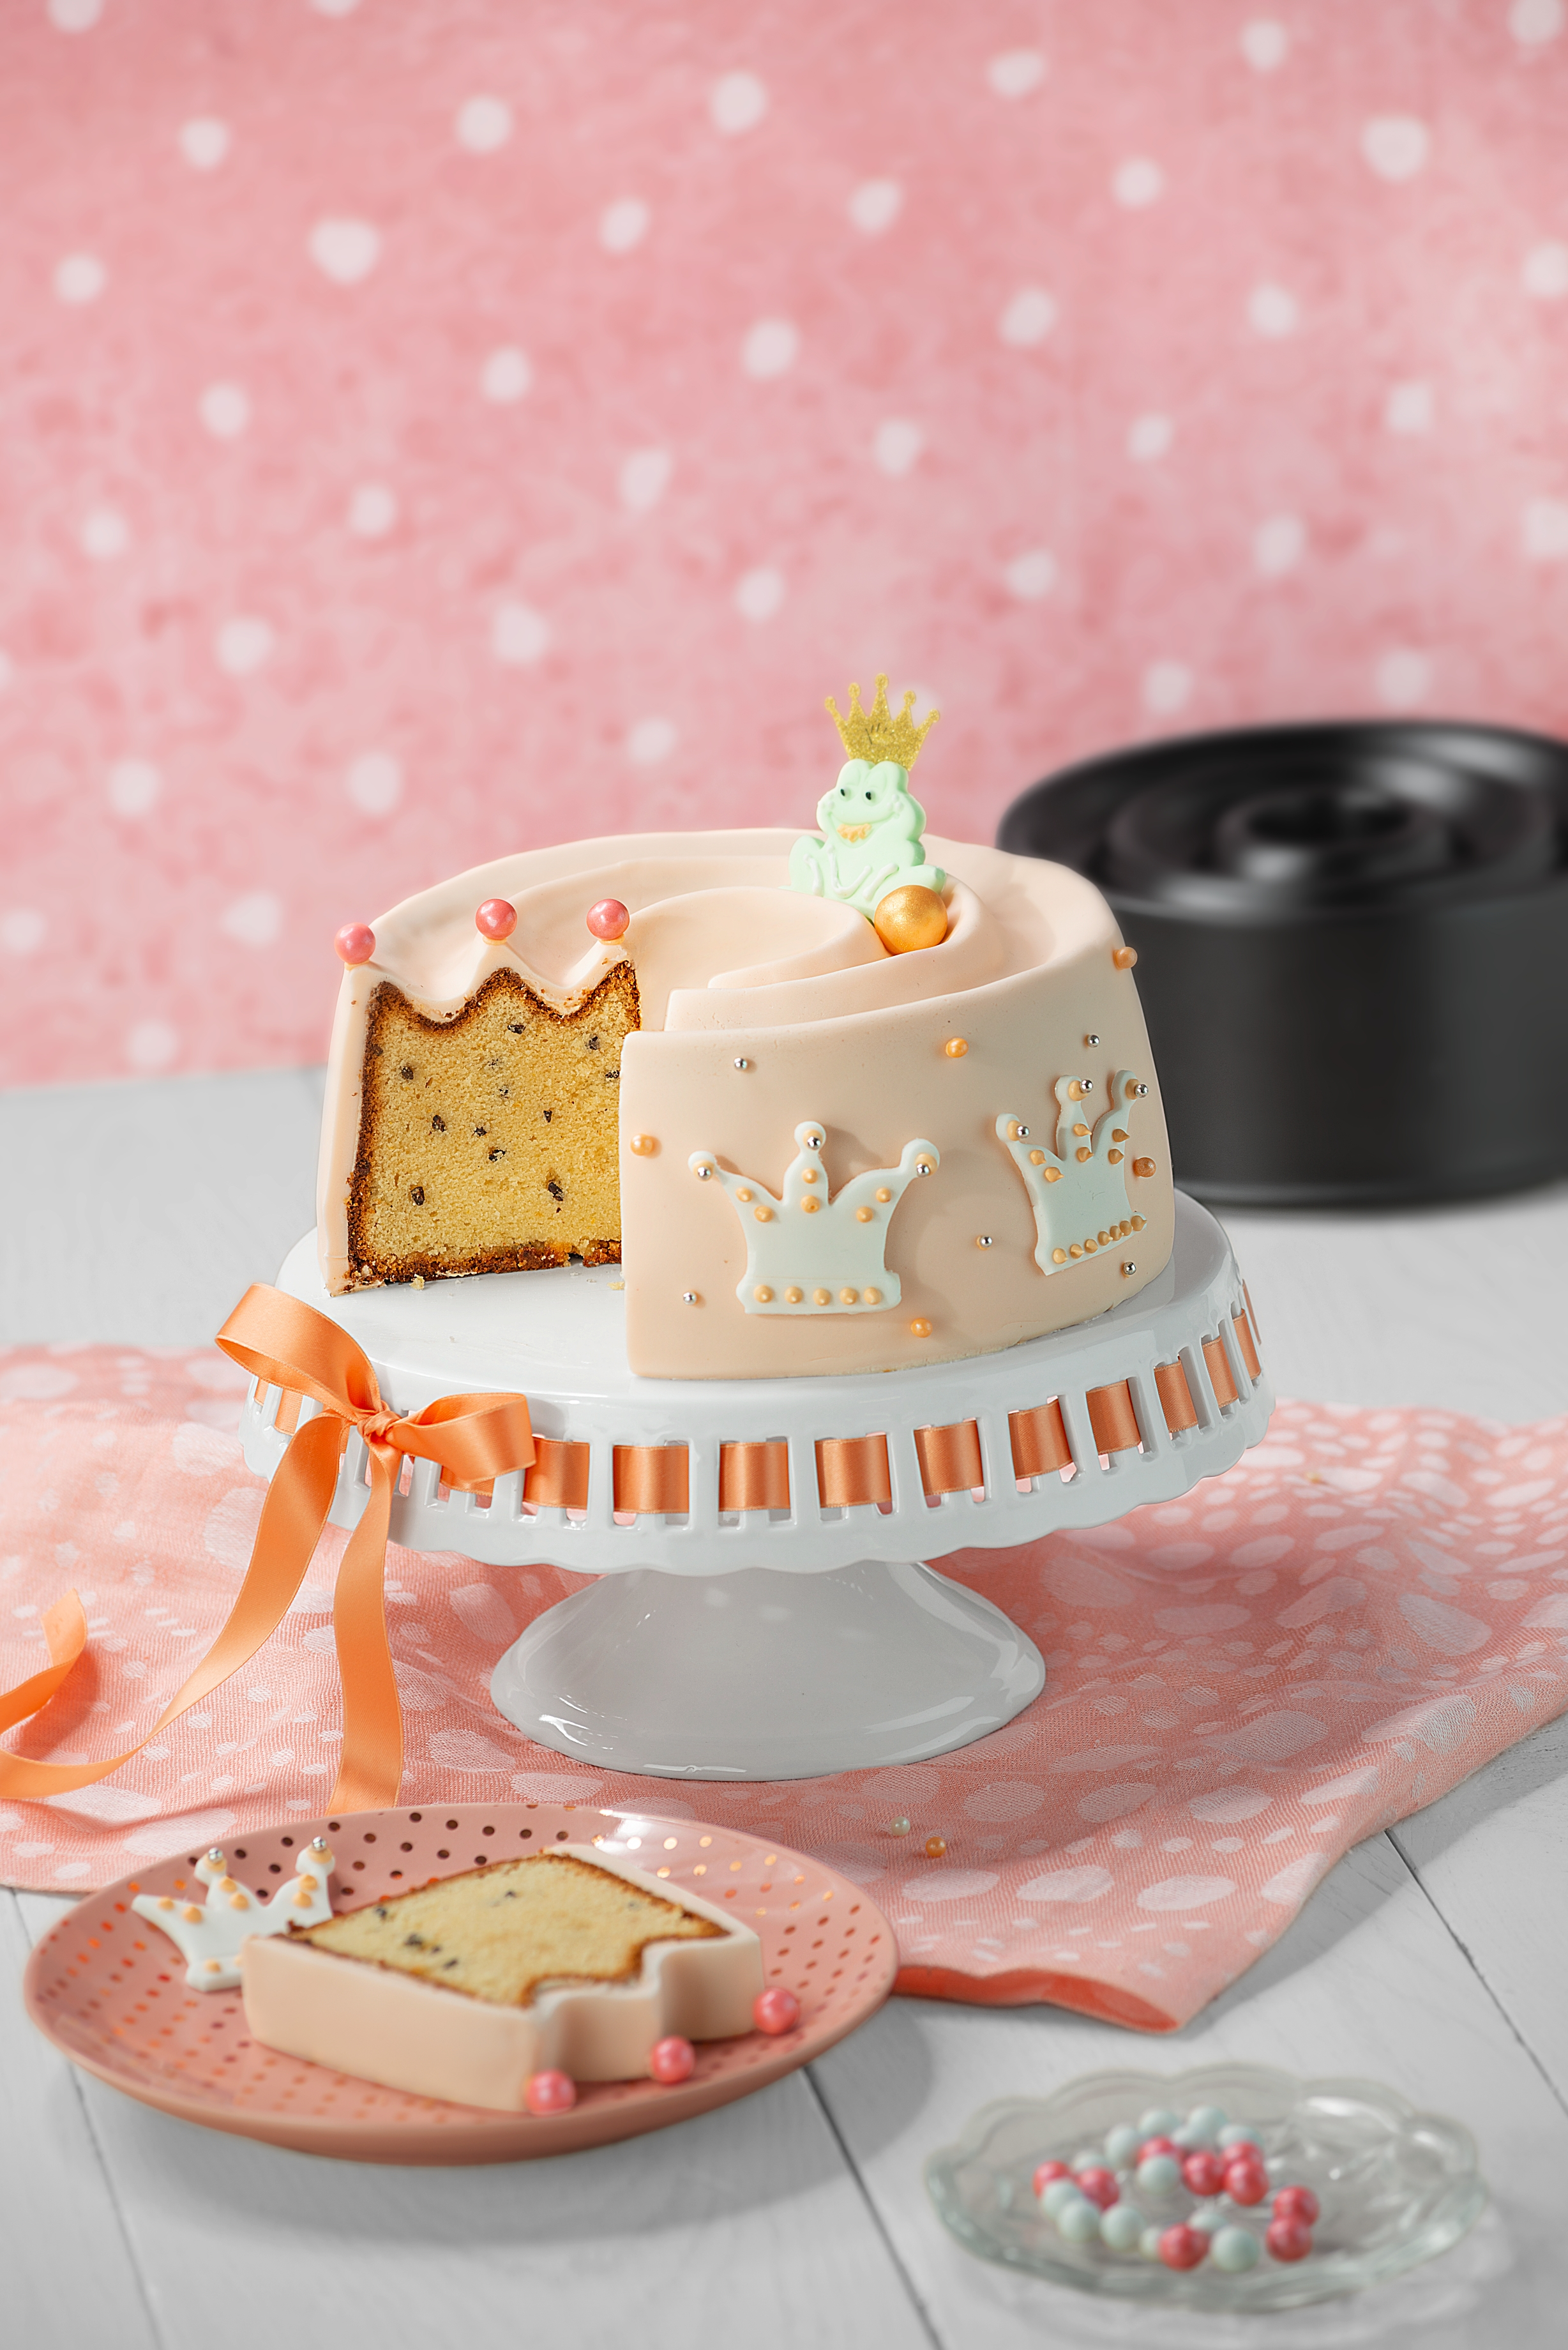 Kaiser Inspiration Taç Şekilli Borulu 22cm Kek Kalıbı: İlham dolu kekler ve pastalar